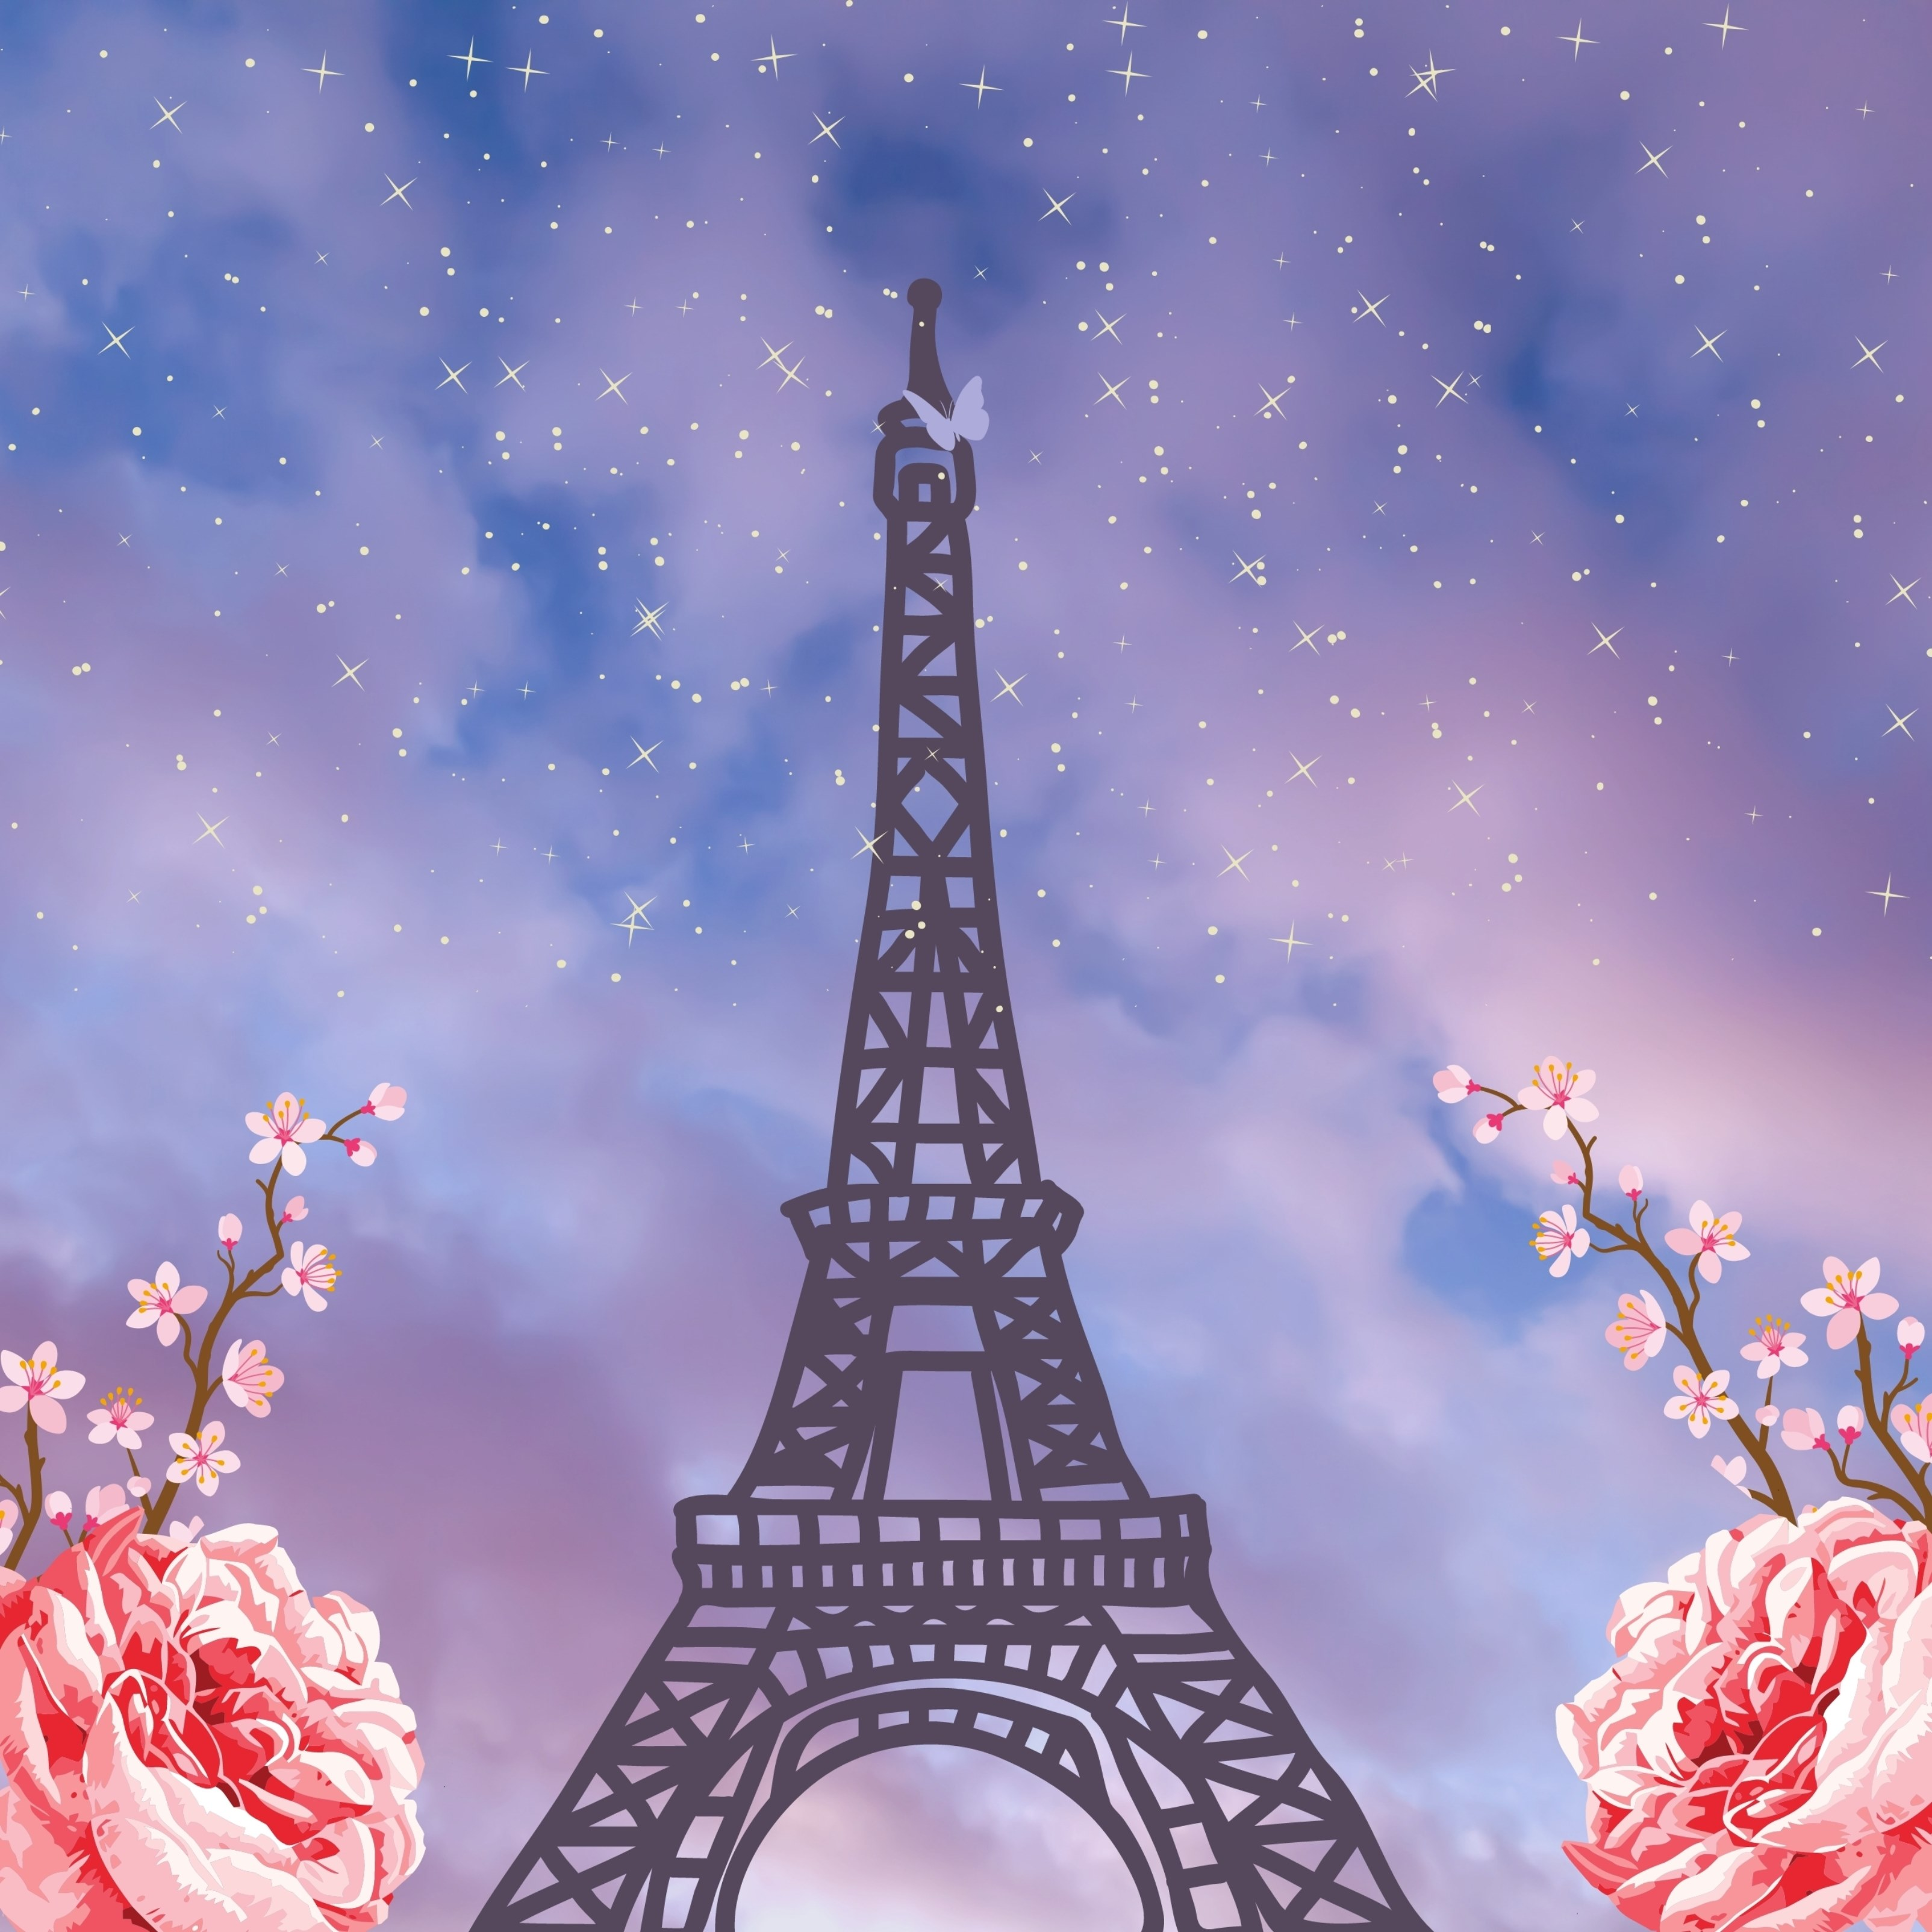 iPad Wallpapers Paris Eiffel Tower Ipad Wallpaper 3208x3208 px